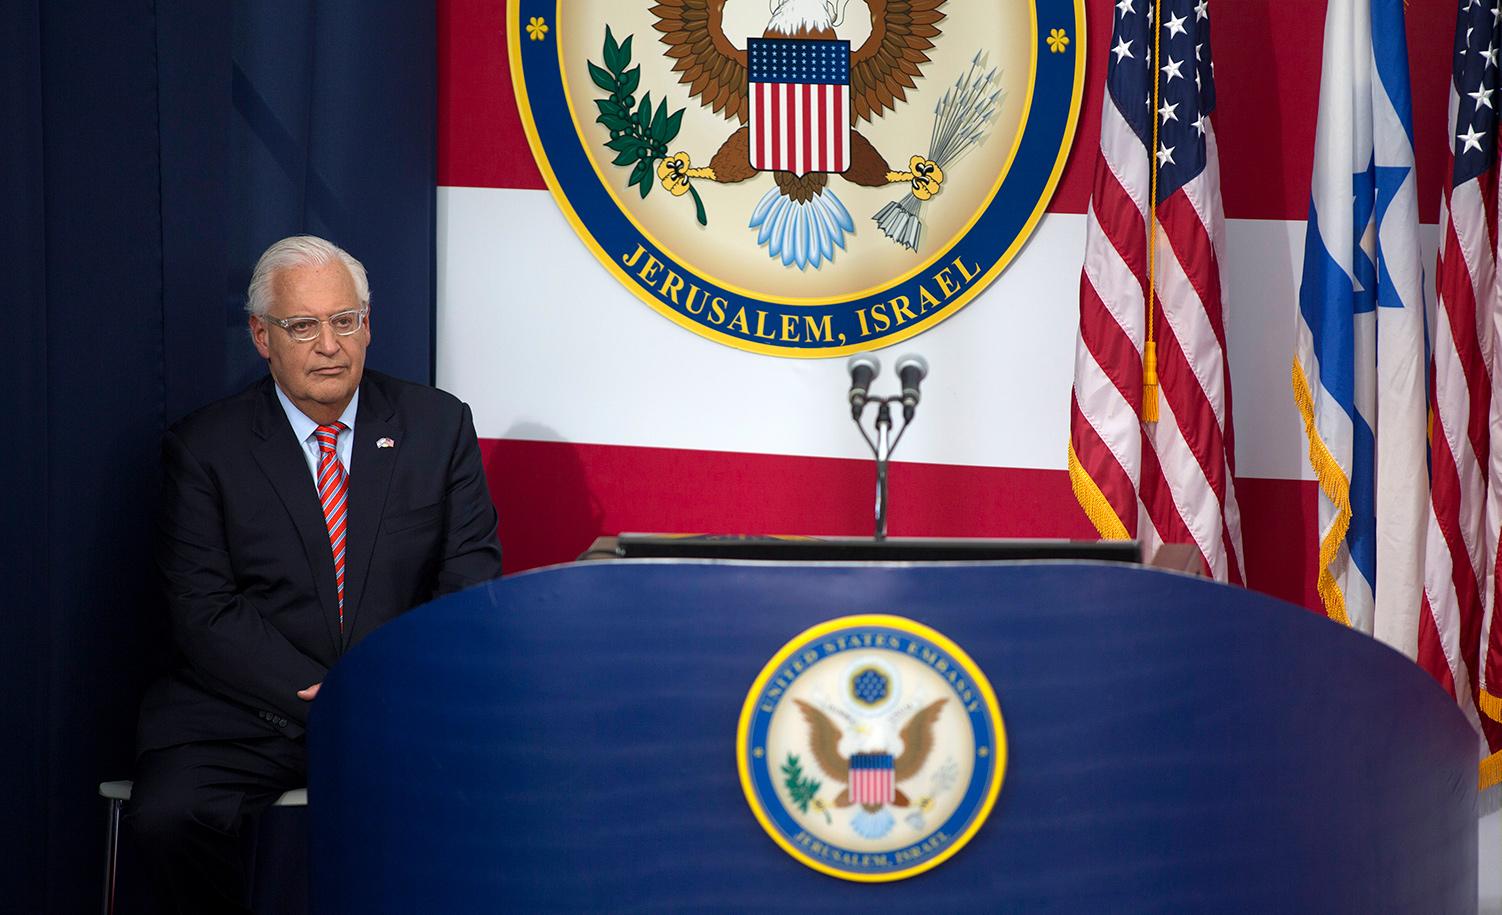 Then-U.S. ambassador to Israel David Friedman on May 14, 2018 in Jerusalem. Lior Mizrahi/Getty Images.